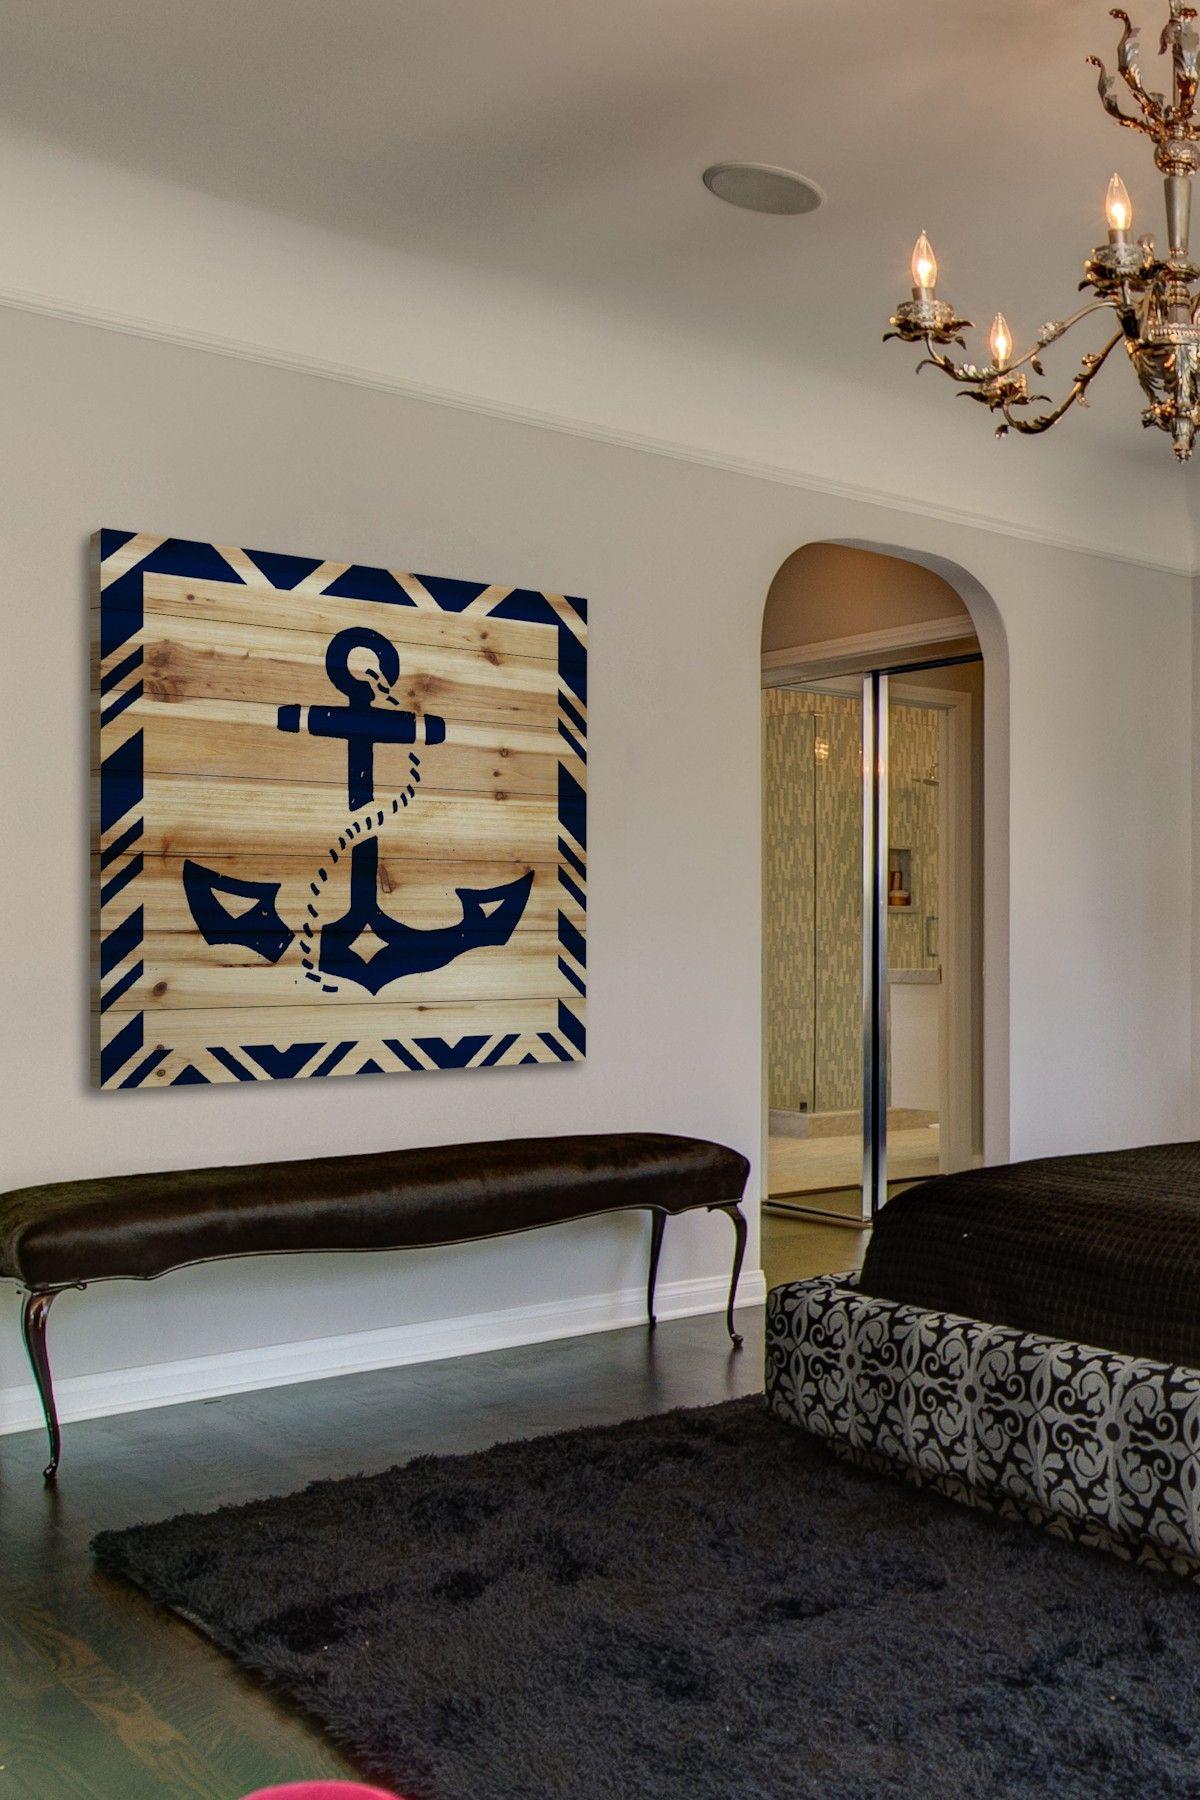 DIY idea for a large nautical wall decor piece. Anchor